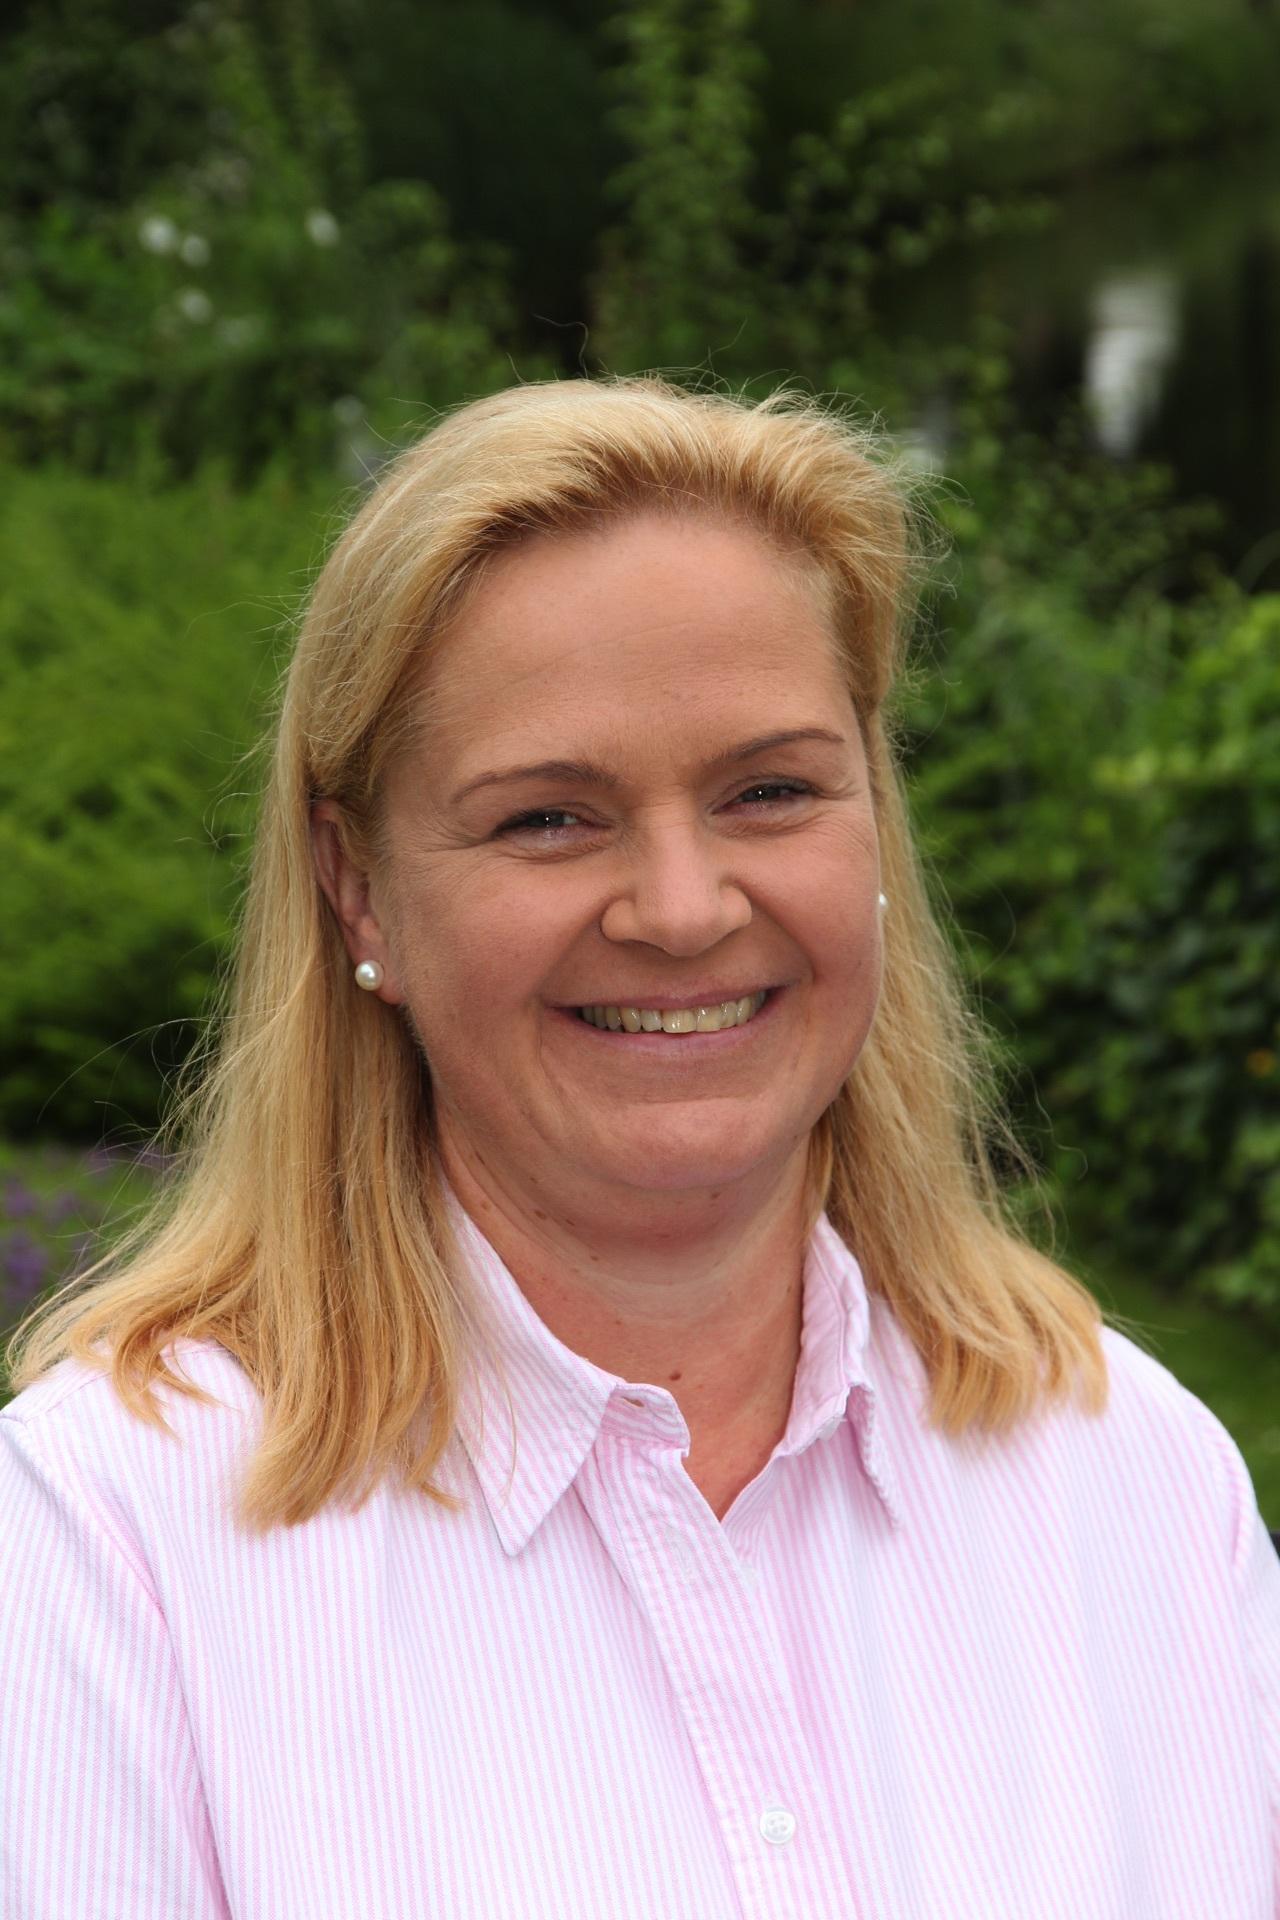 Kirsten Behrends